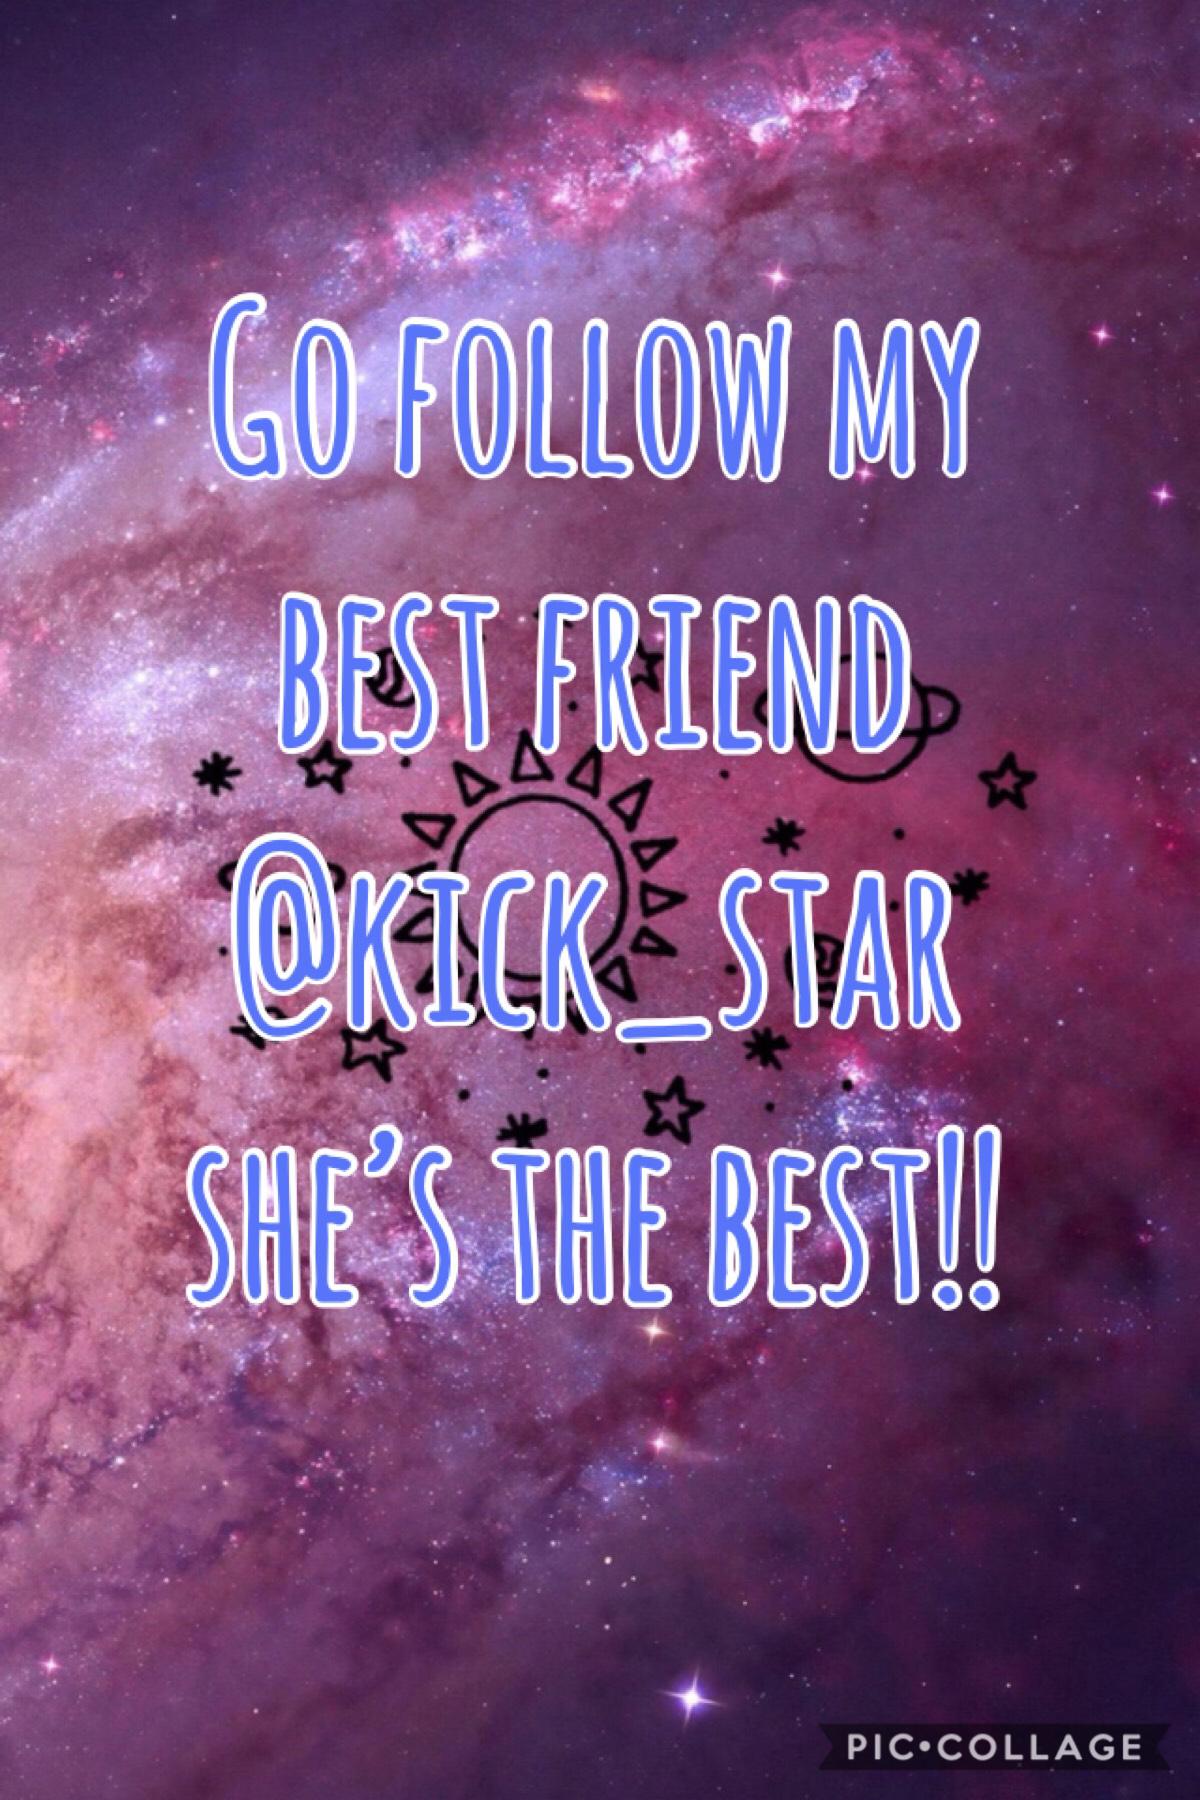 Go follow her!!!!